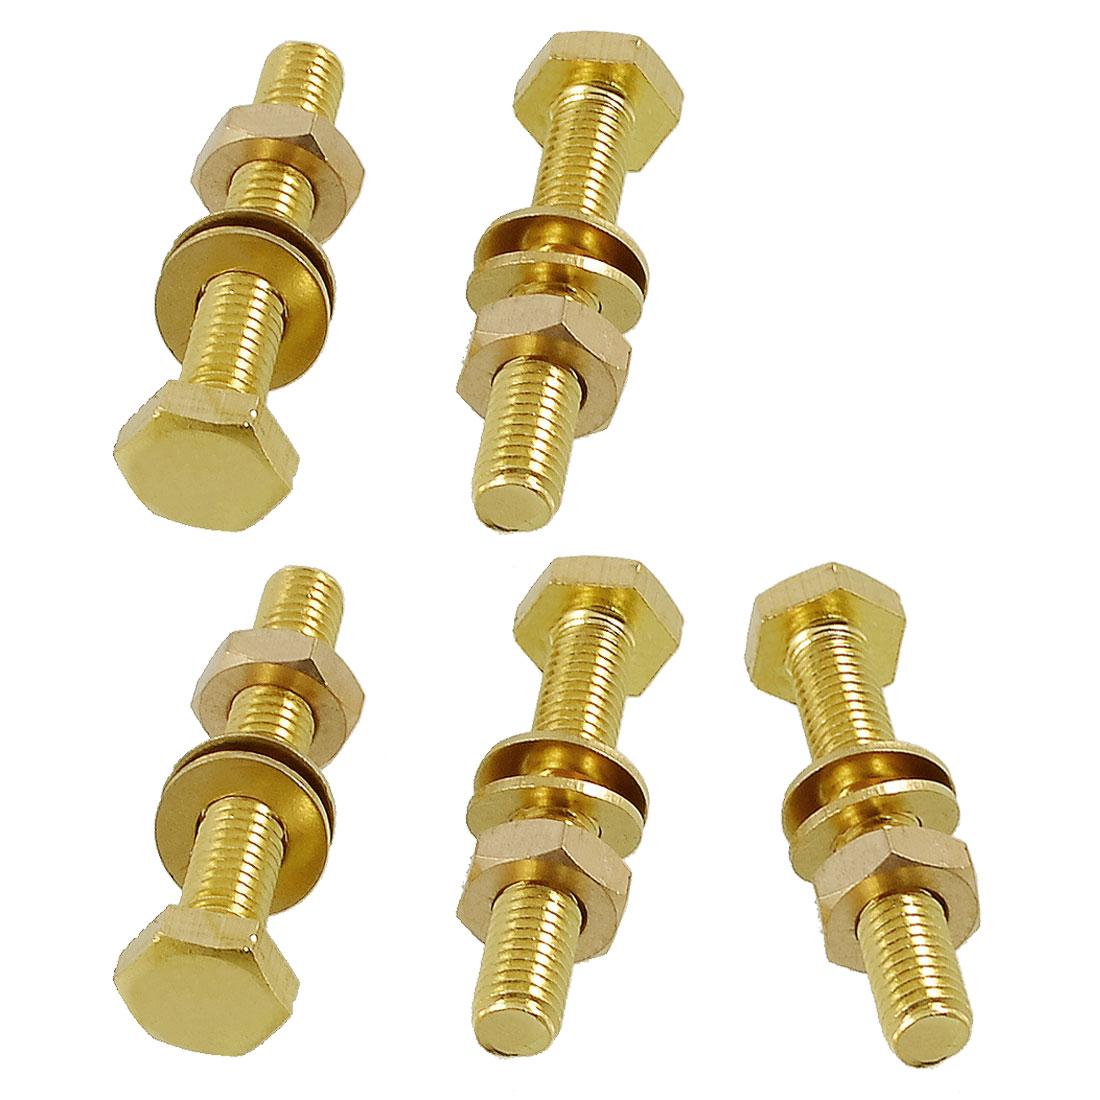 5 Pcs Hex Head Nut 8mm x 50mm Thread Solid Brass Screw Bolts w 2 Washers